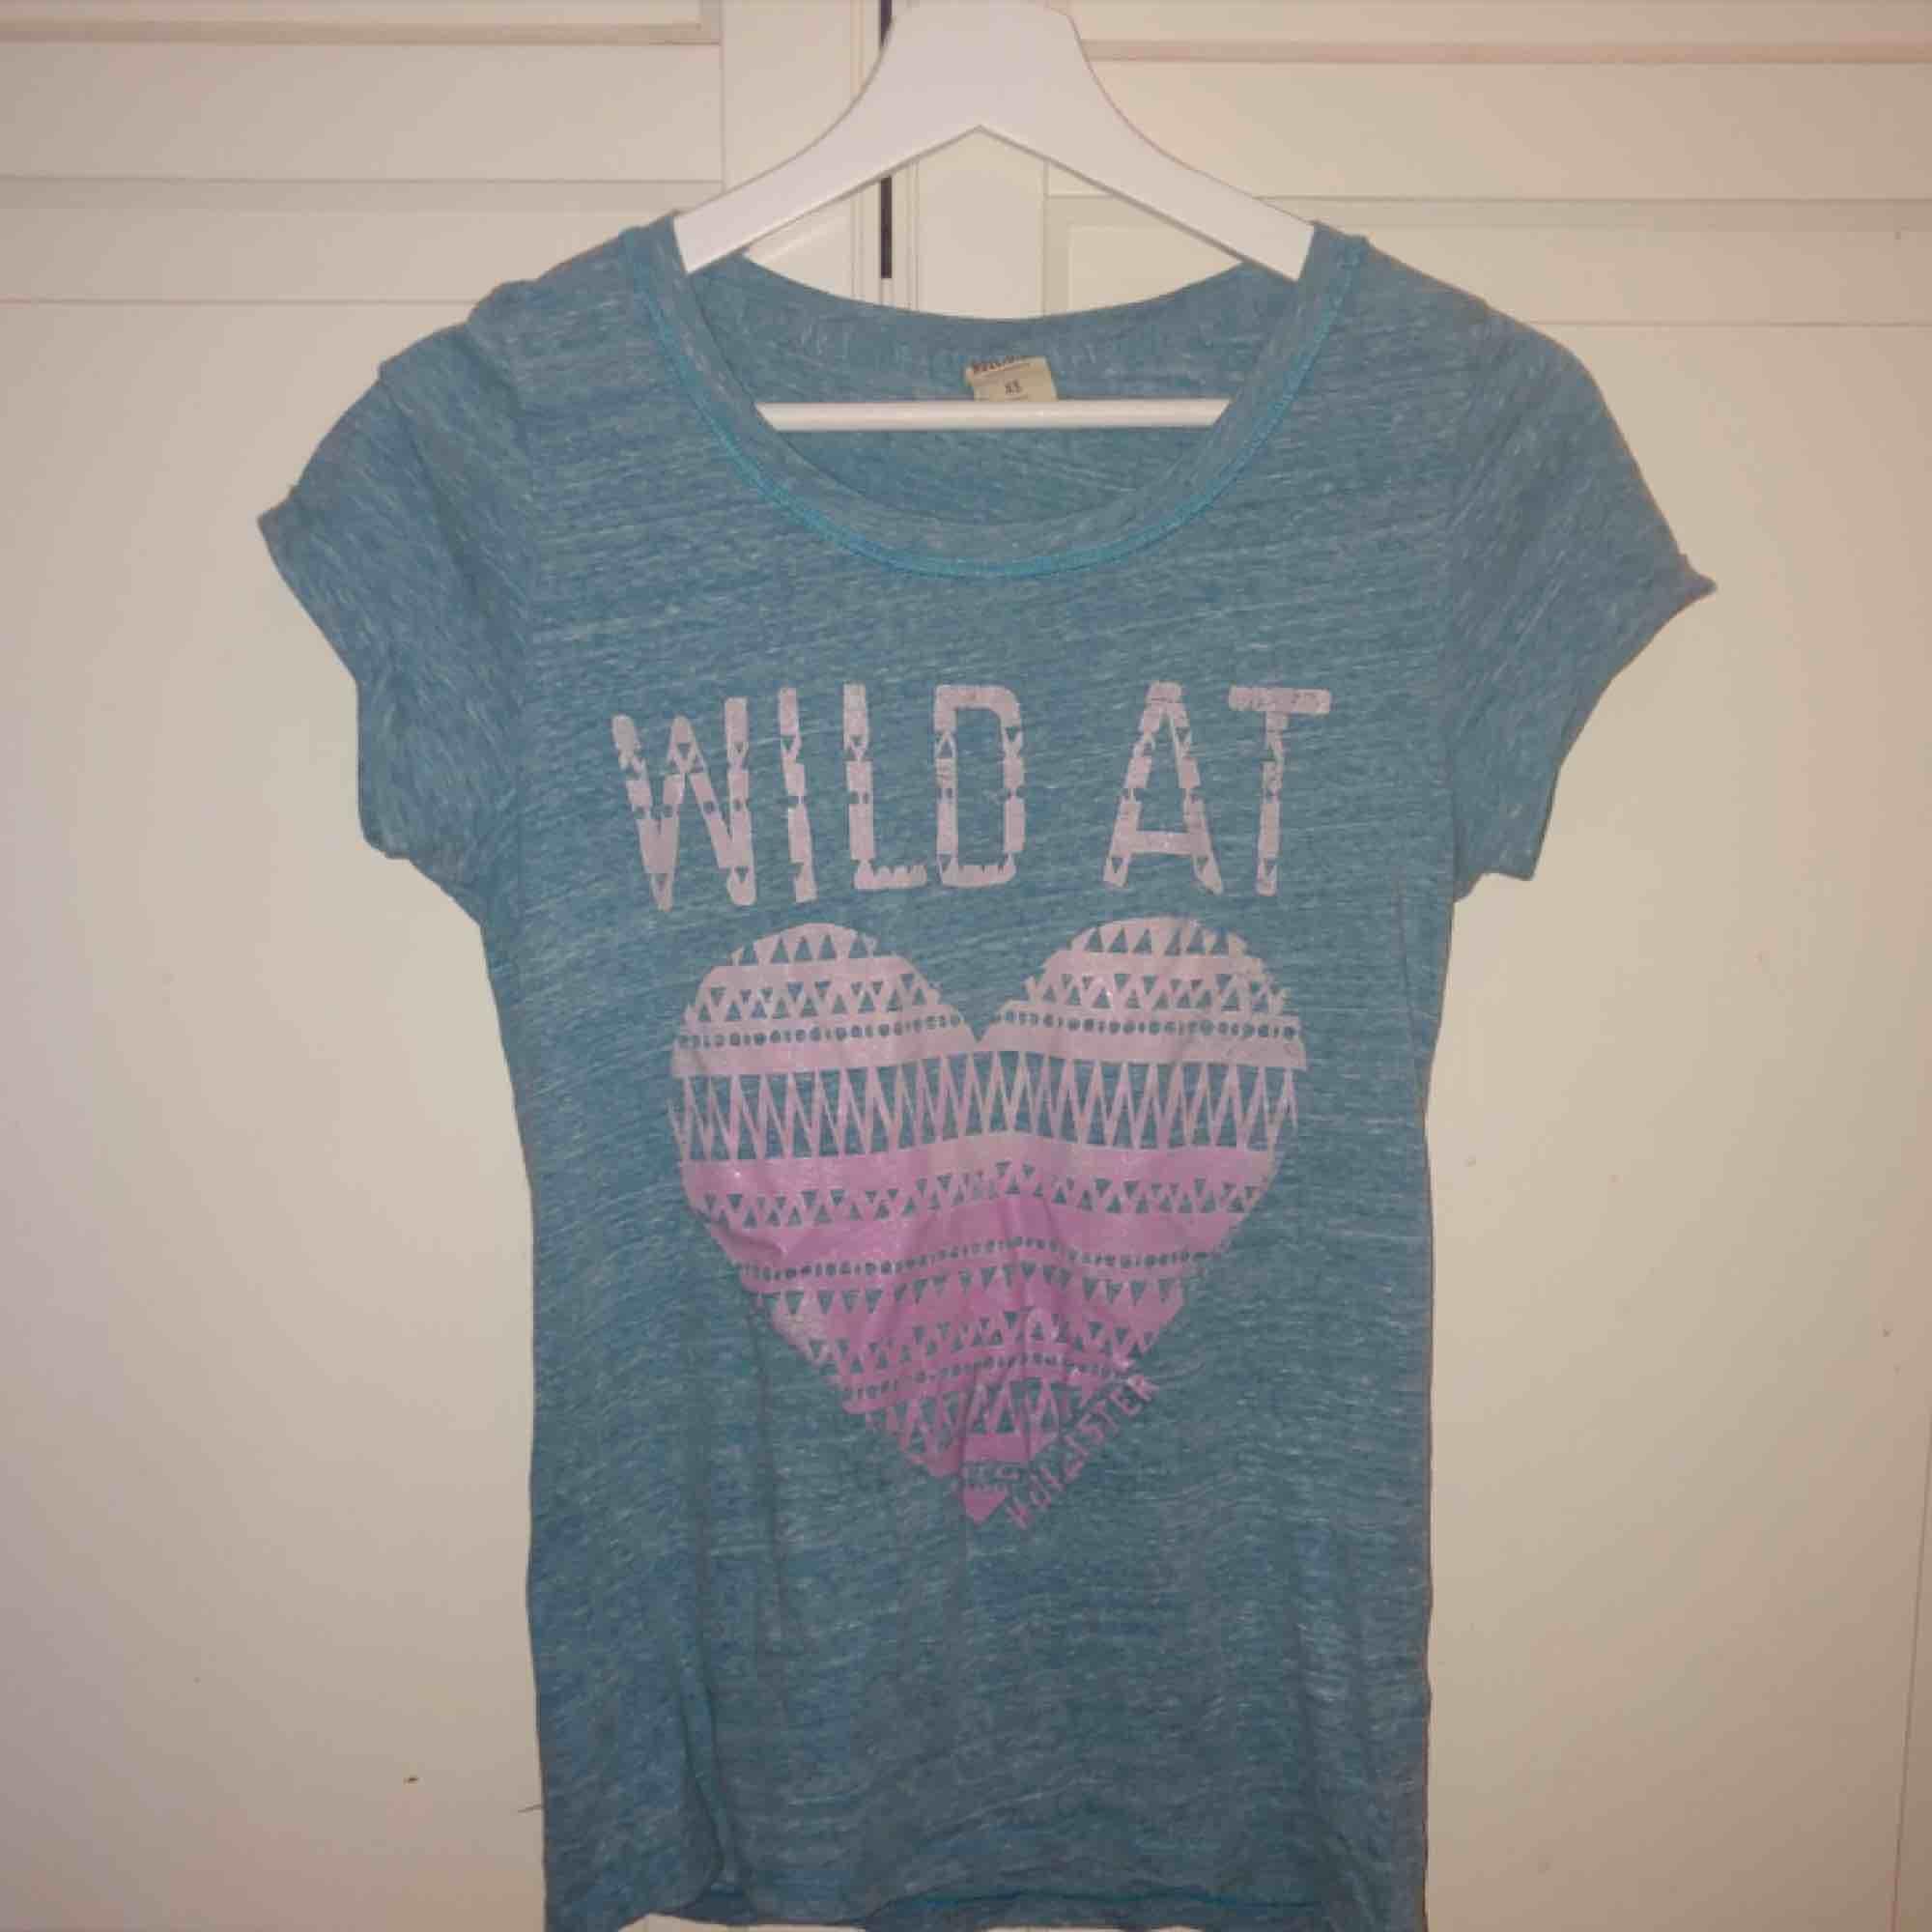 Ljusblå t-shirt från hollister strl XS. 30kr + frakt. T-shirts.